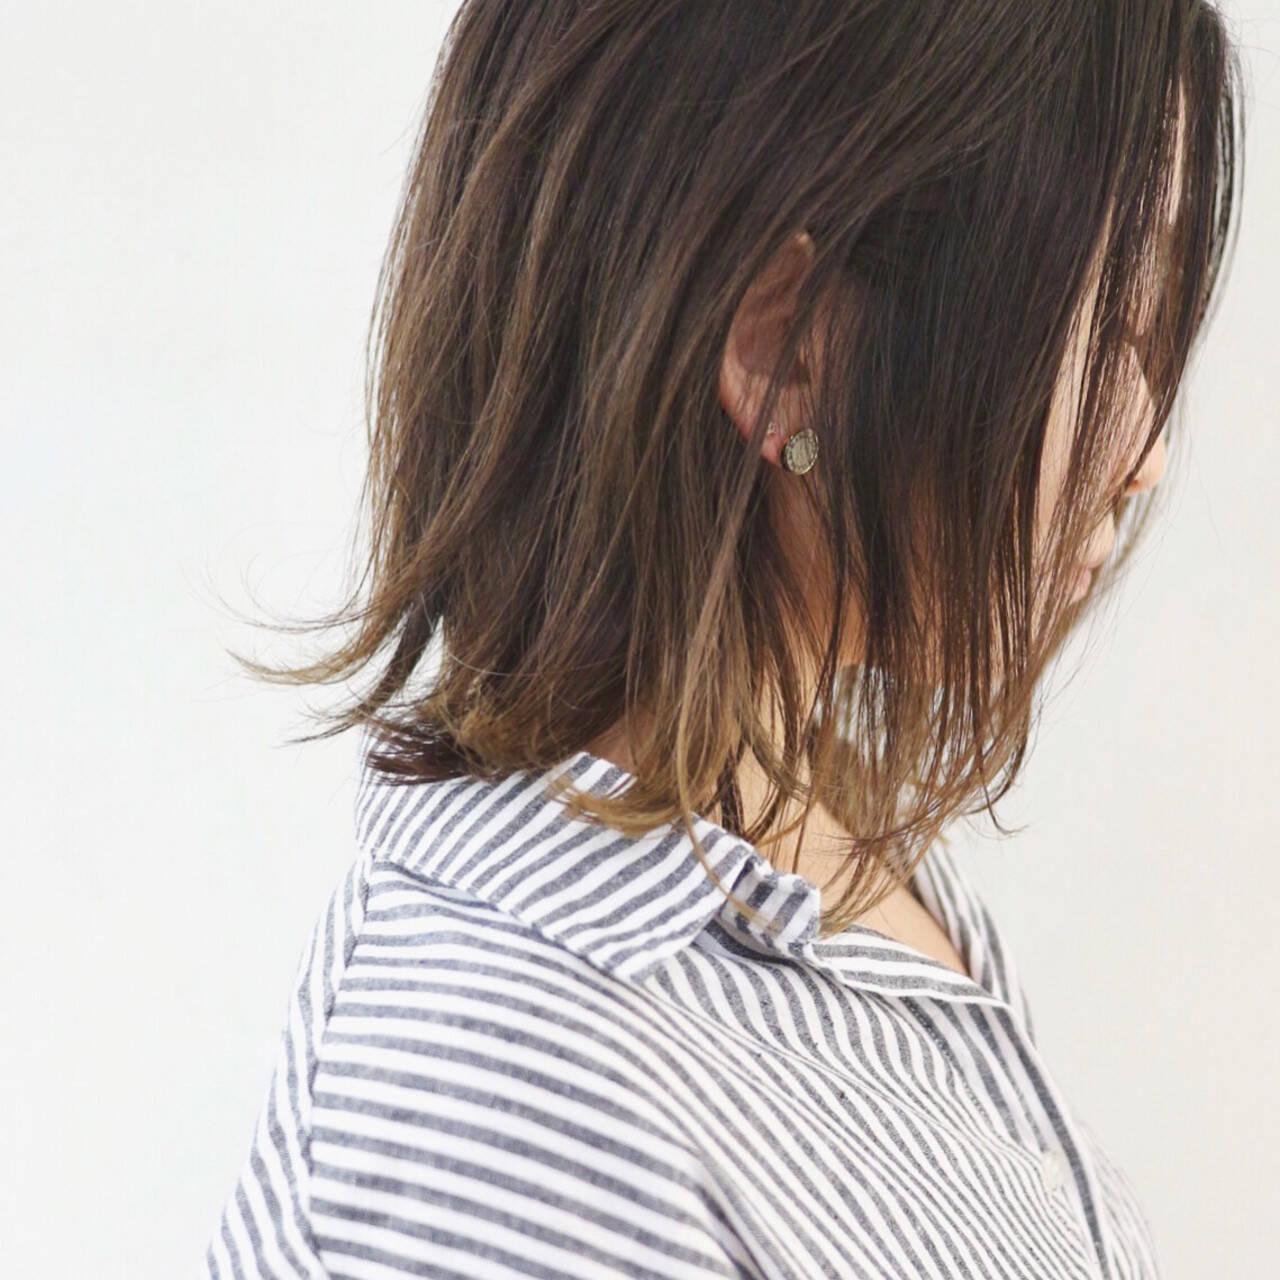 ミディアム 外国人風カラー インナーカラー グラデーションカラーヘアスタイルや髪型の写真・画像